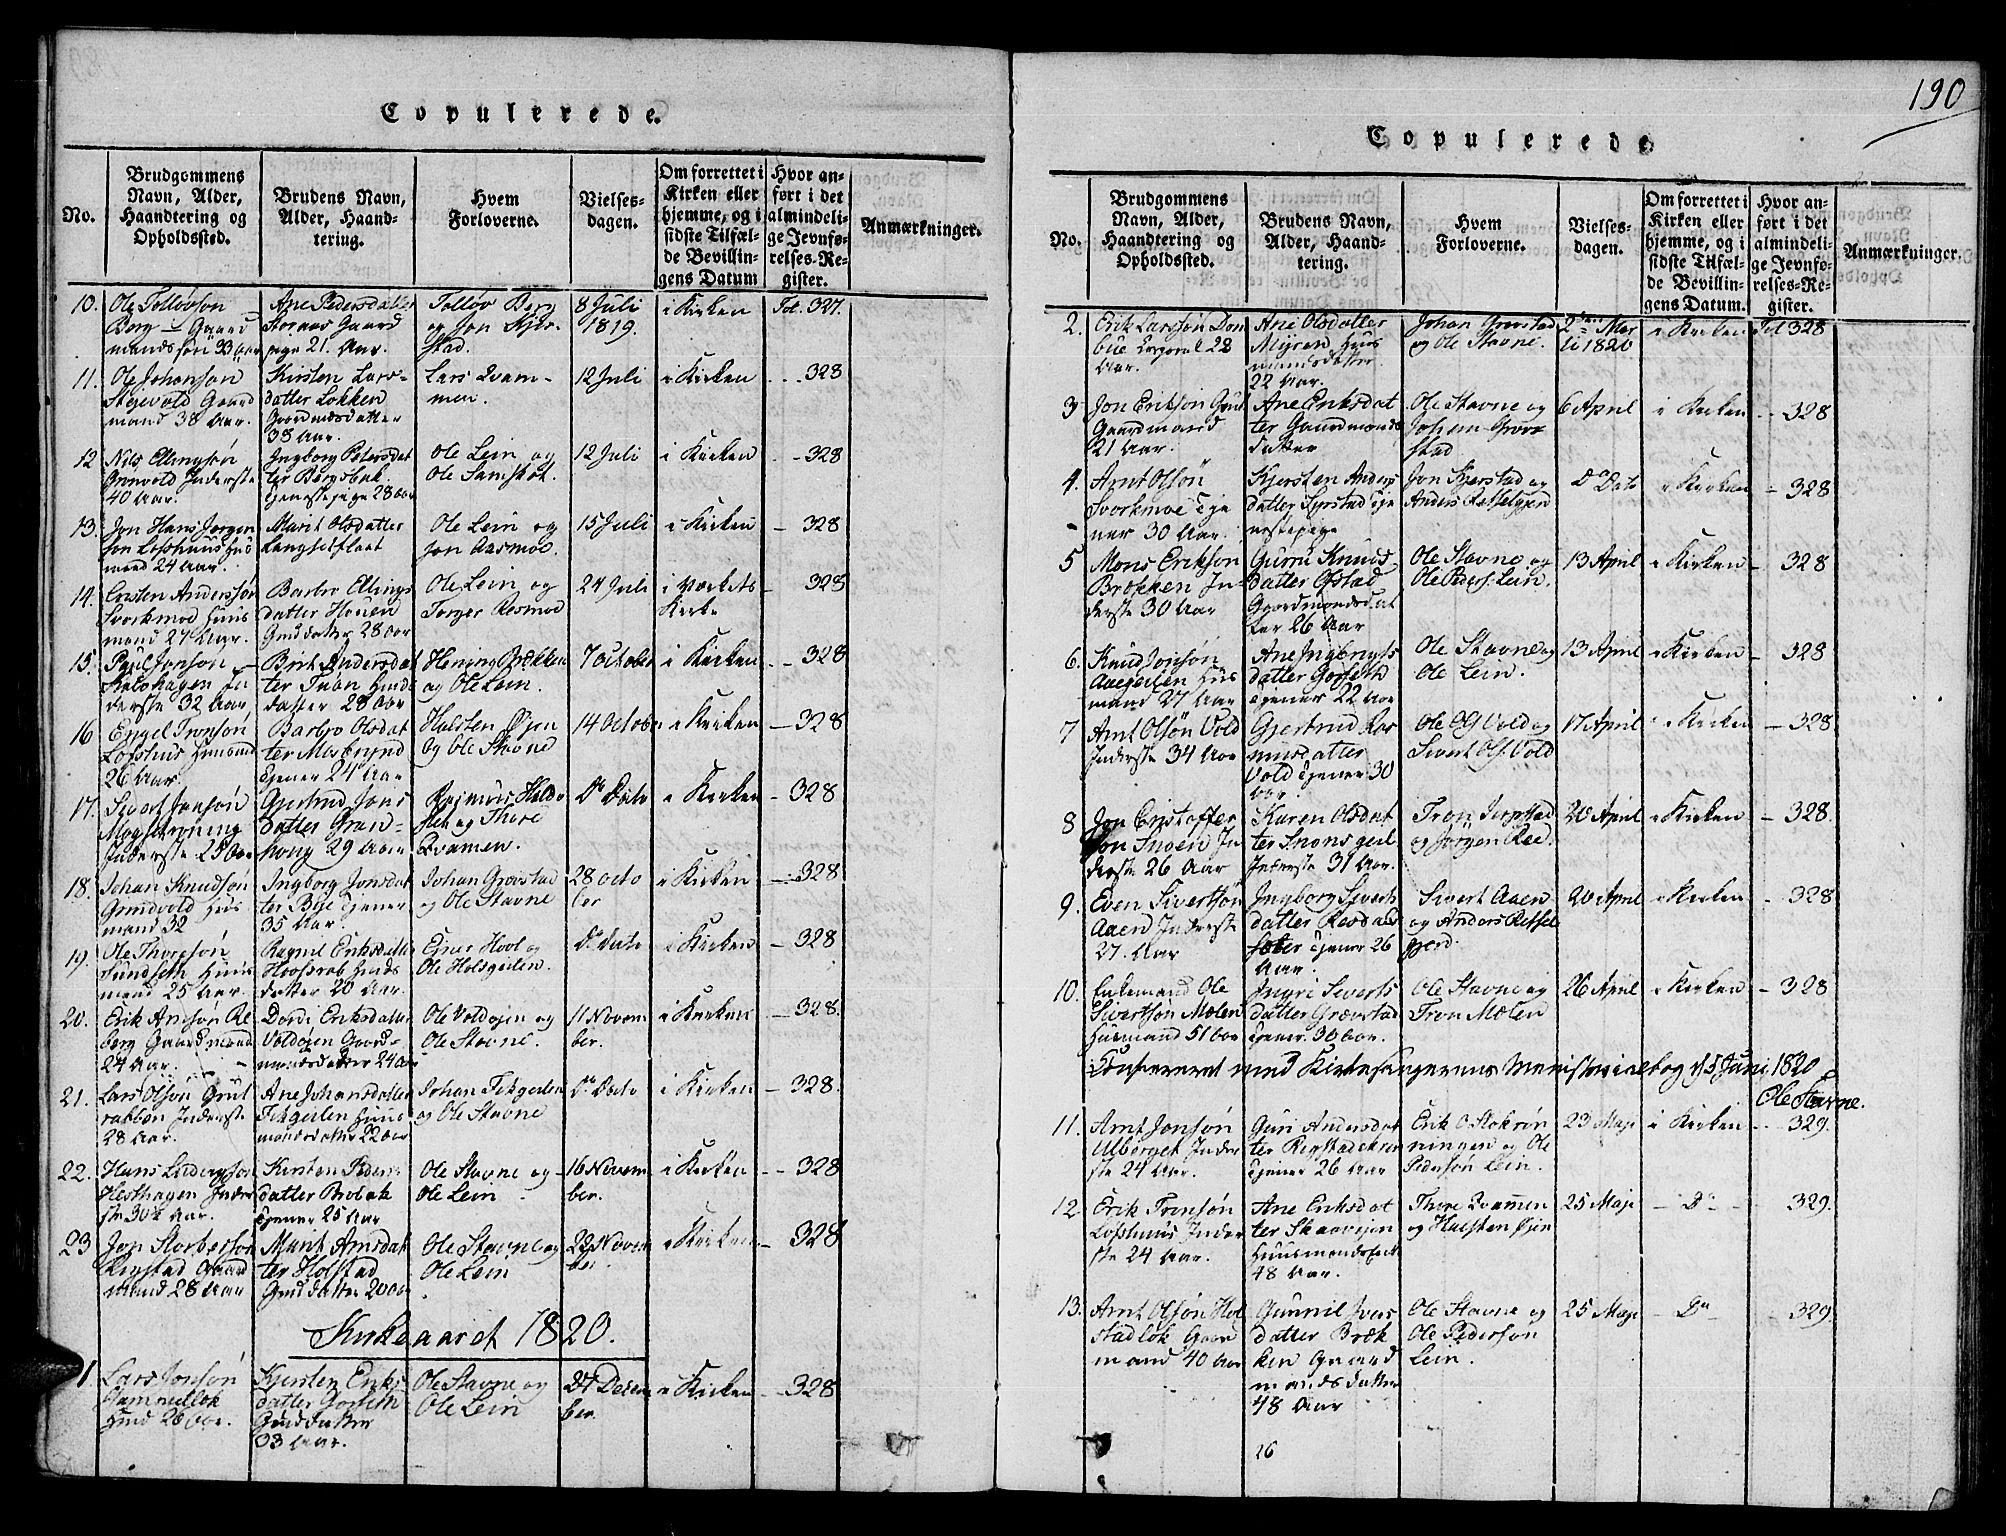 SAT, Ministerialprotokoller, klokkerbøker og fødselsregistre - Sør-Trøndelag, 672/L0853: Ministerialbok nr. 672A06 /1, 1816-1829, s. 190